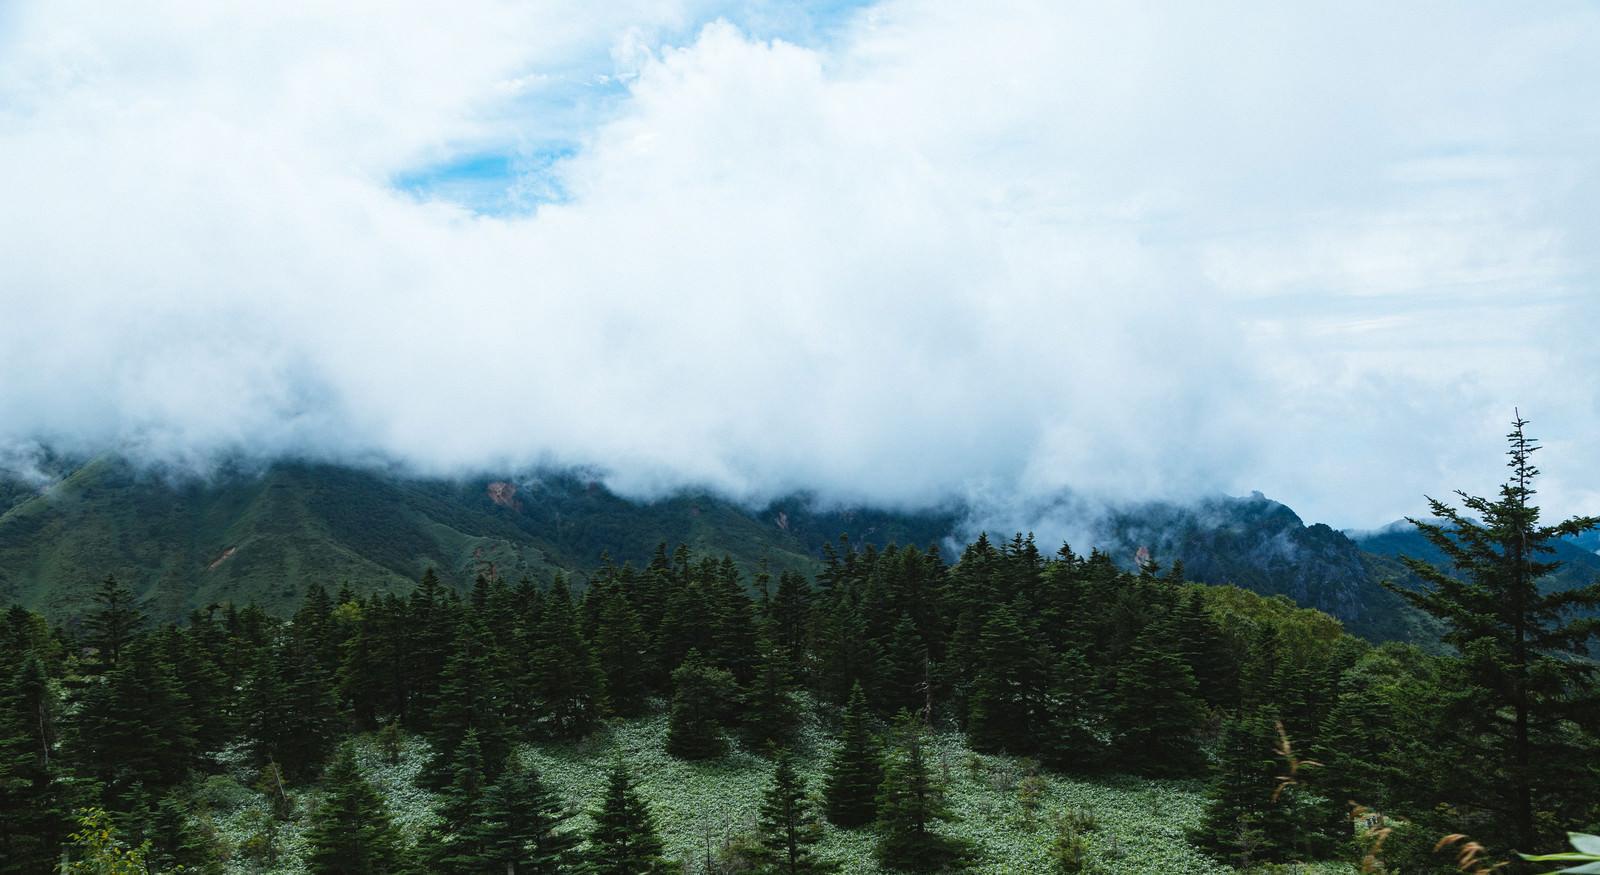 「雲に覆われた渓谷雲に覆われた渓谷」のフリー写真素材を拡大